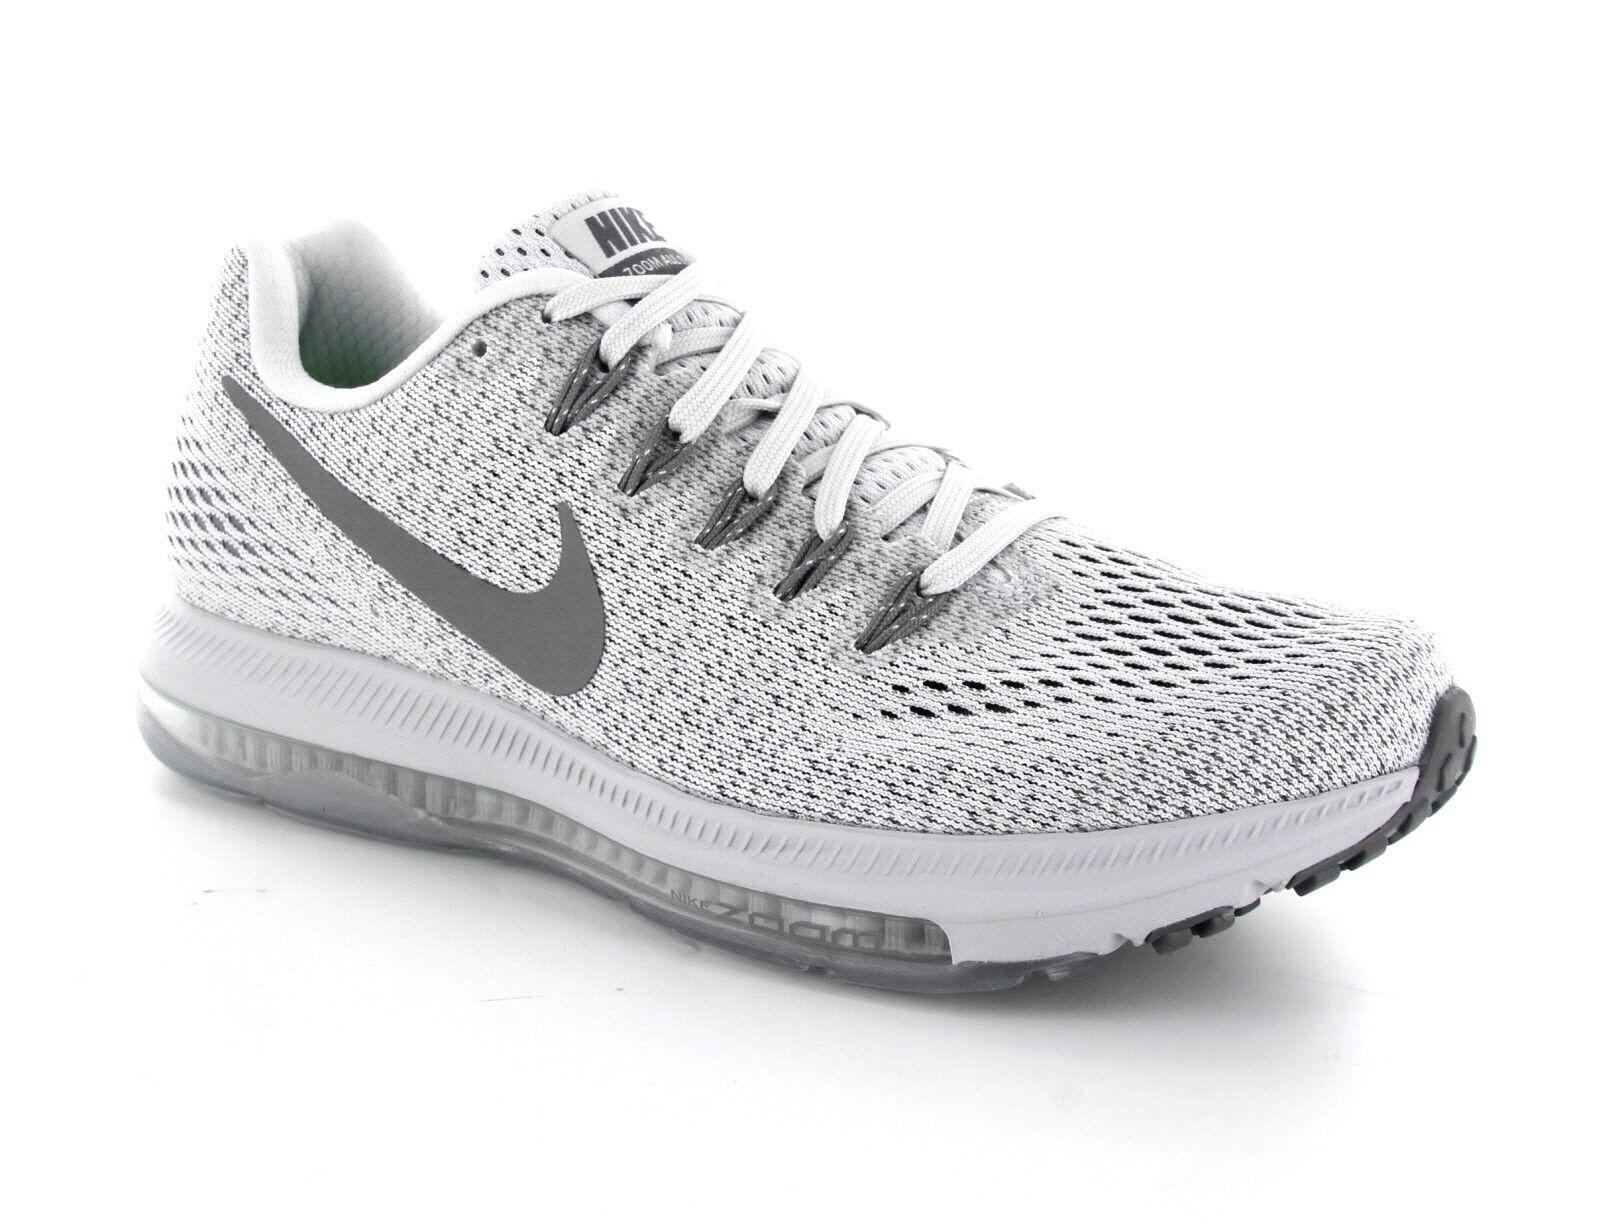 Nike air zoom tutte le scarpe da corsa di puro platino 878671-010 dimensioni 6 msrp